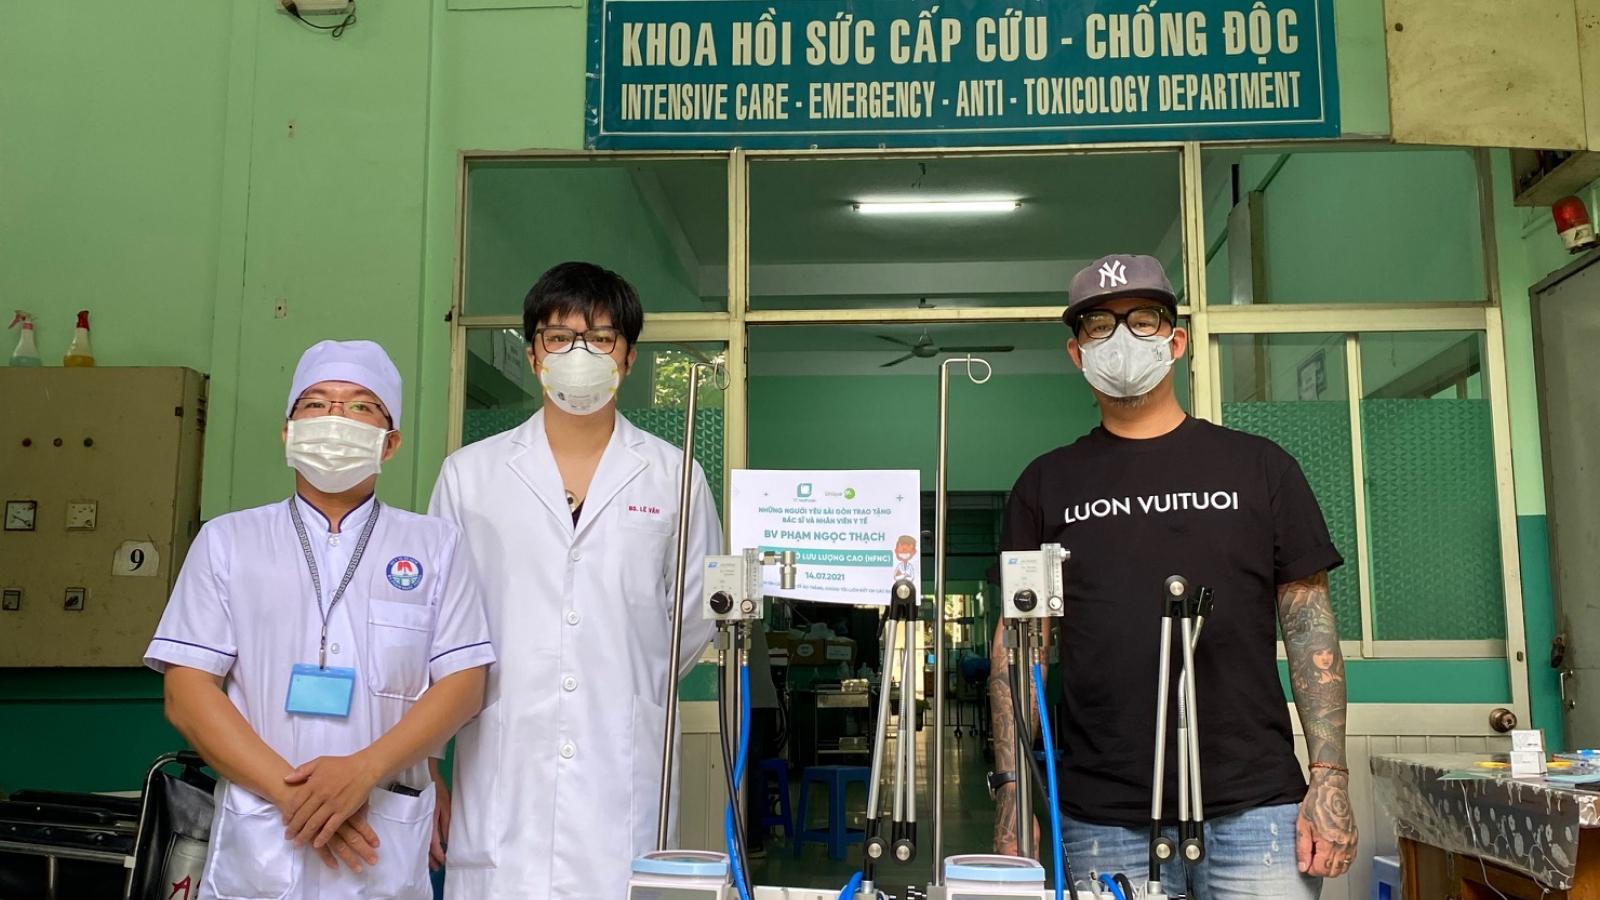 Hội nữ doanh nhân kiều bào Australia mua 2 máy trợ thở cho bệnh viện ở TP.HCM